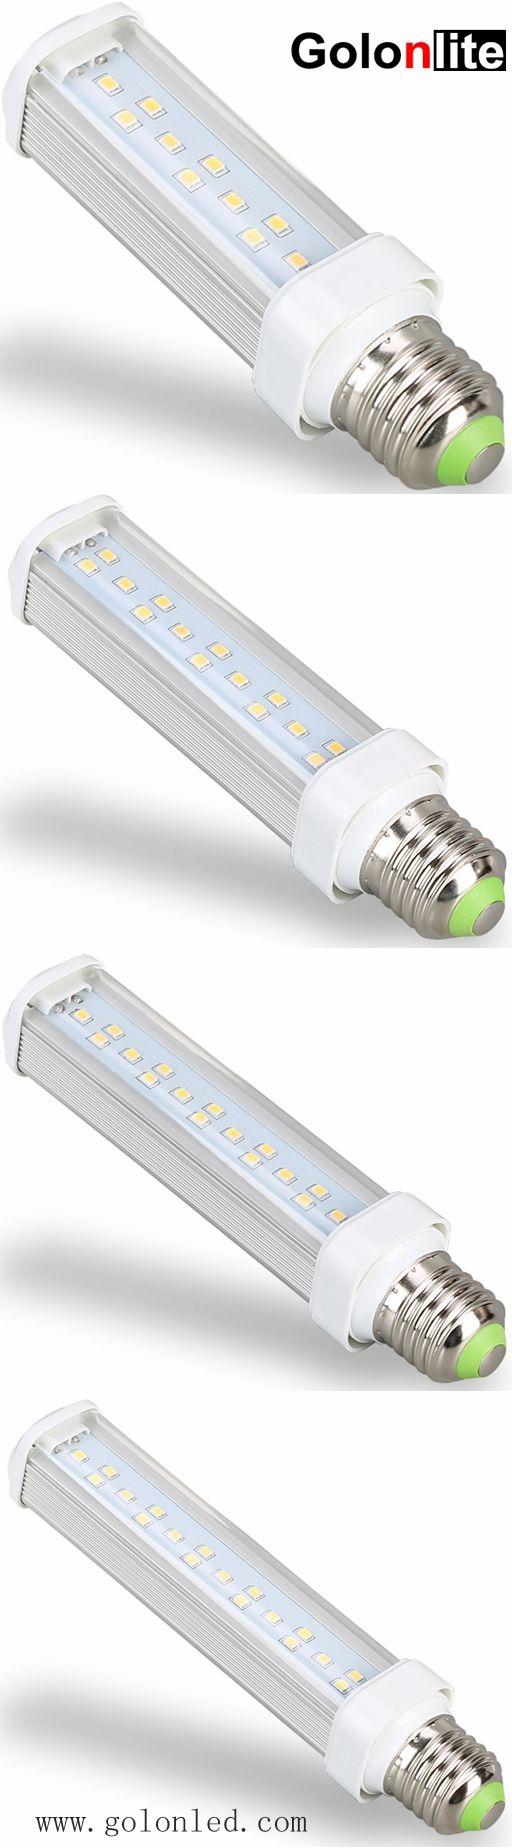 Golonlite E27 Led Plc Light 11w G24q 2 G24q 3 G24d 2 Pin G24 Led Pl Light Warm White 4000k 3000k E26 9w 7w 5w Led Plug Bulb Ce Olivia Golonledlight Com E27le